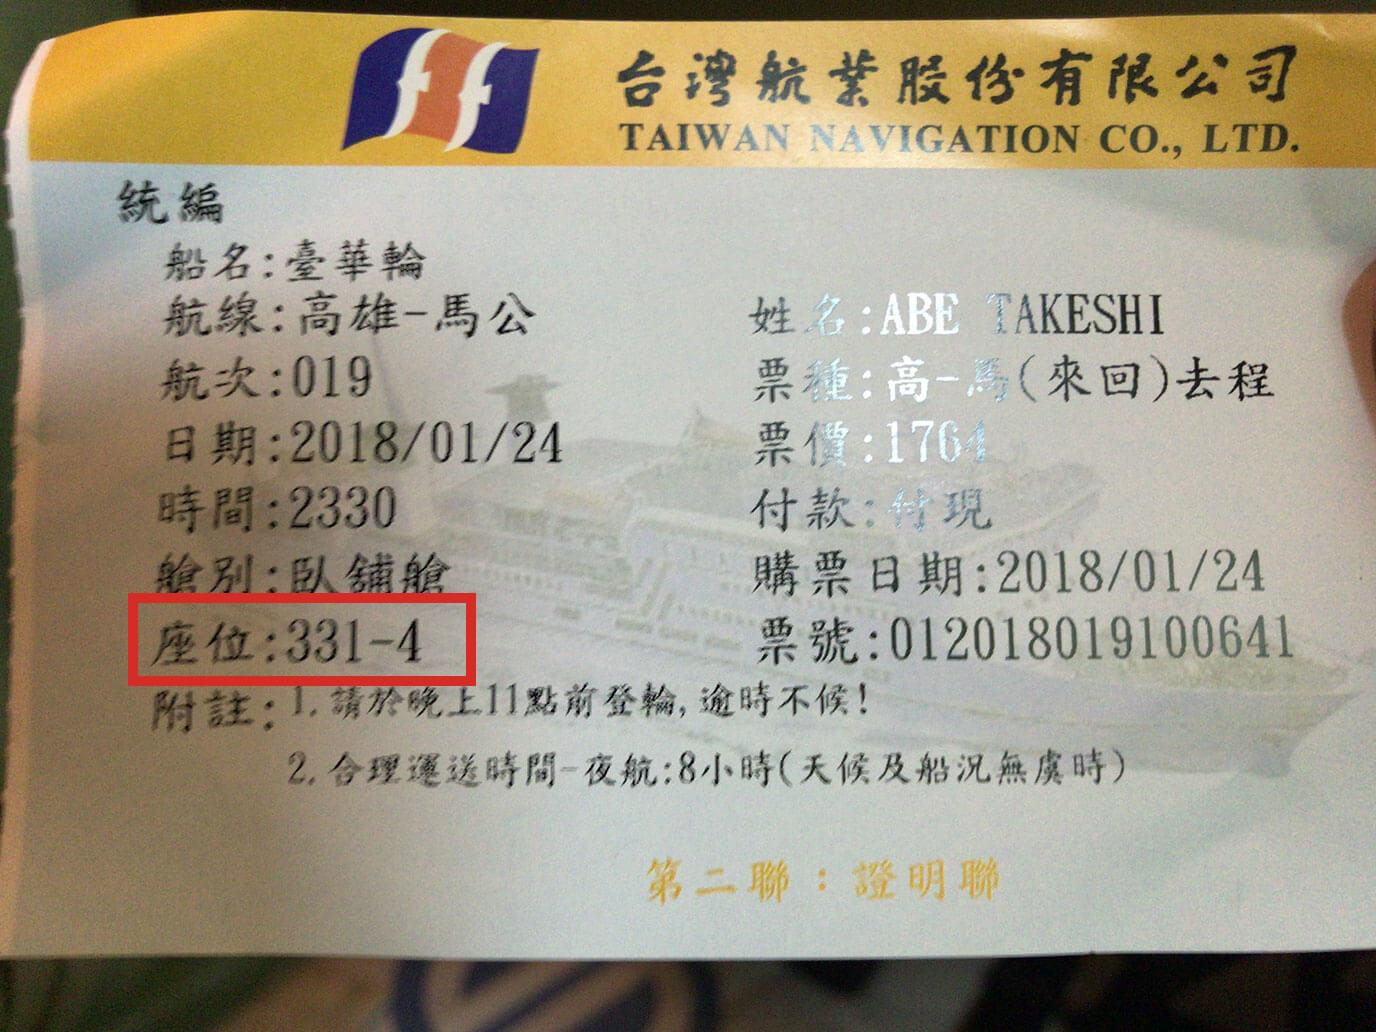 チケットのここに座席番号が書いて居ます。